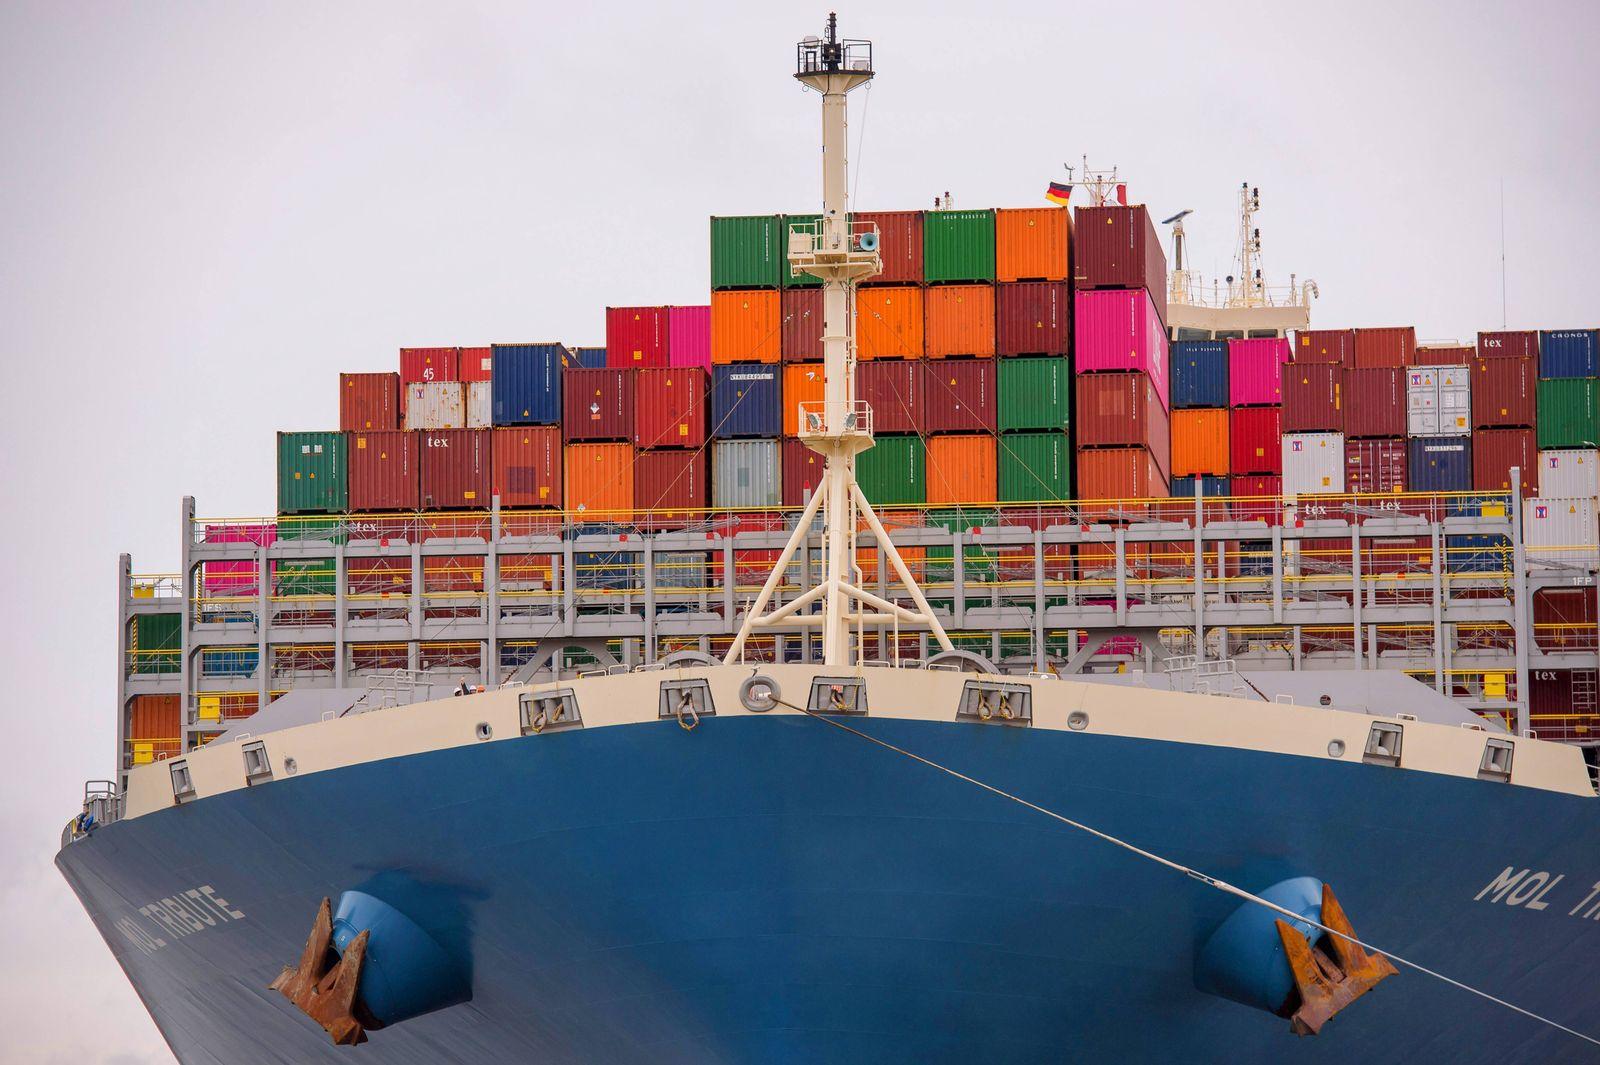 Containerschiff auf der Elbe, Deutschland, Hamburg container ship on river Elbe, Germany, Hamburg BLWS529875 Copyright: